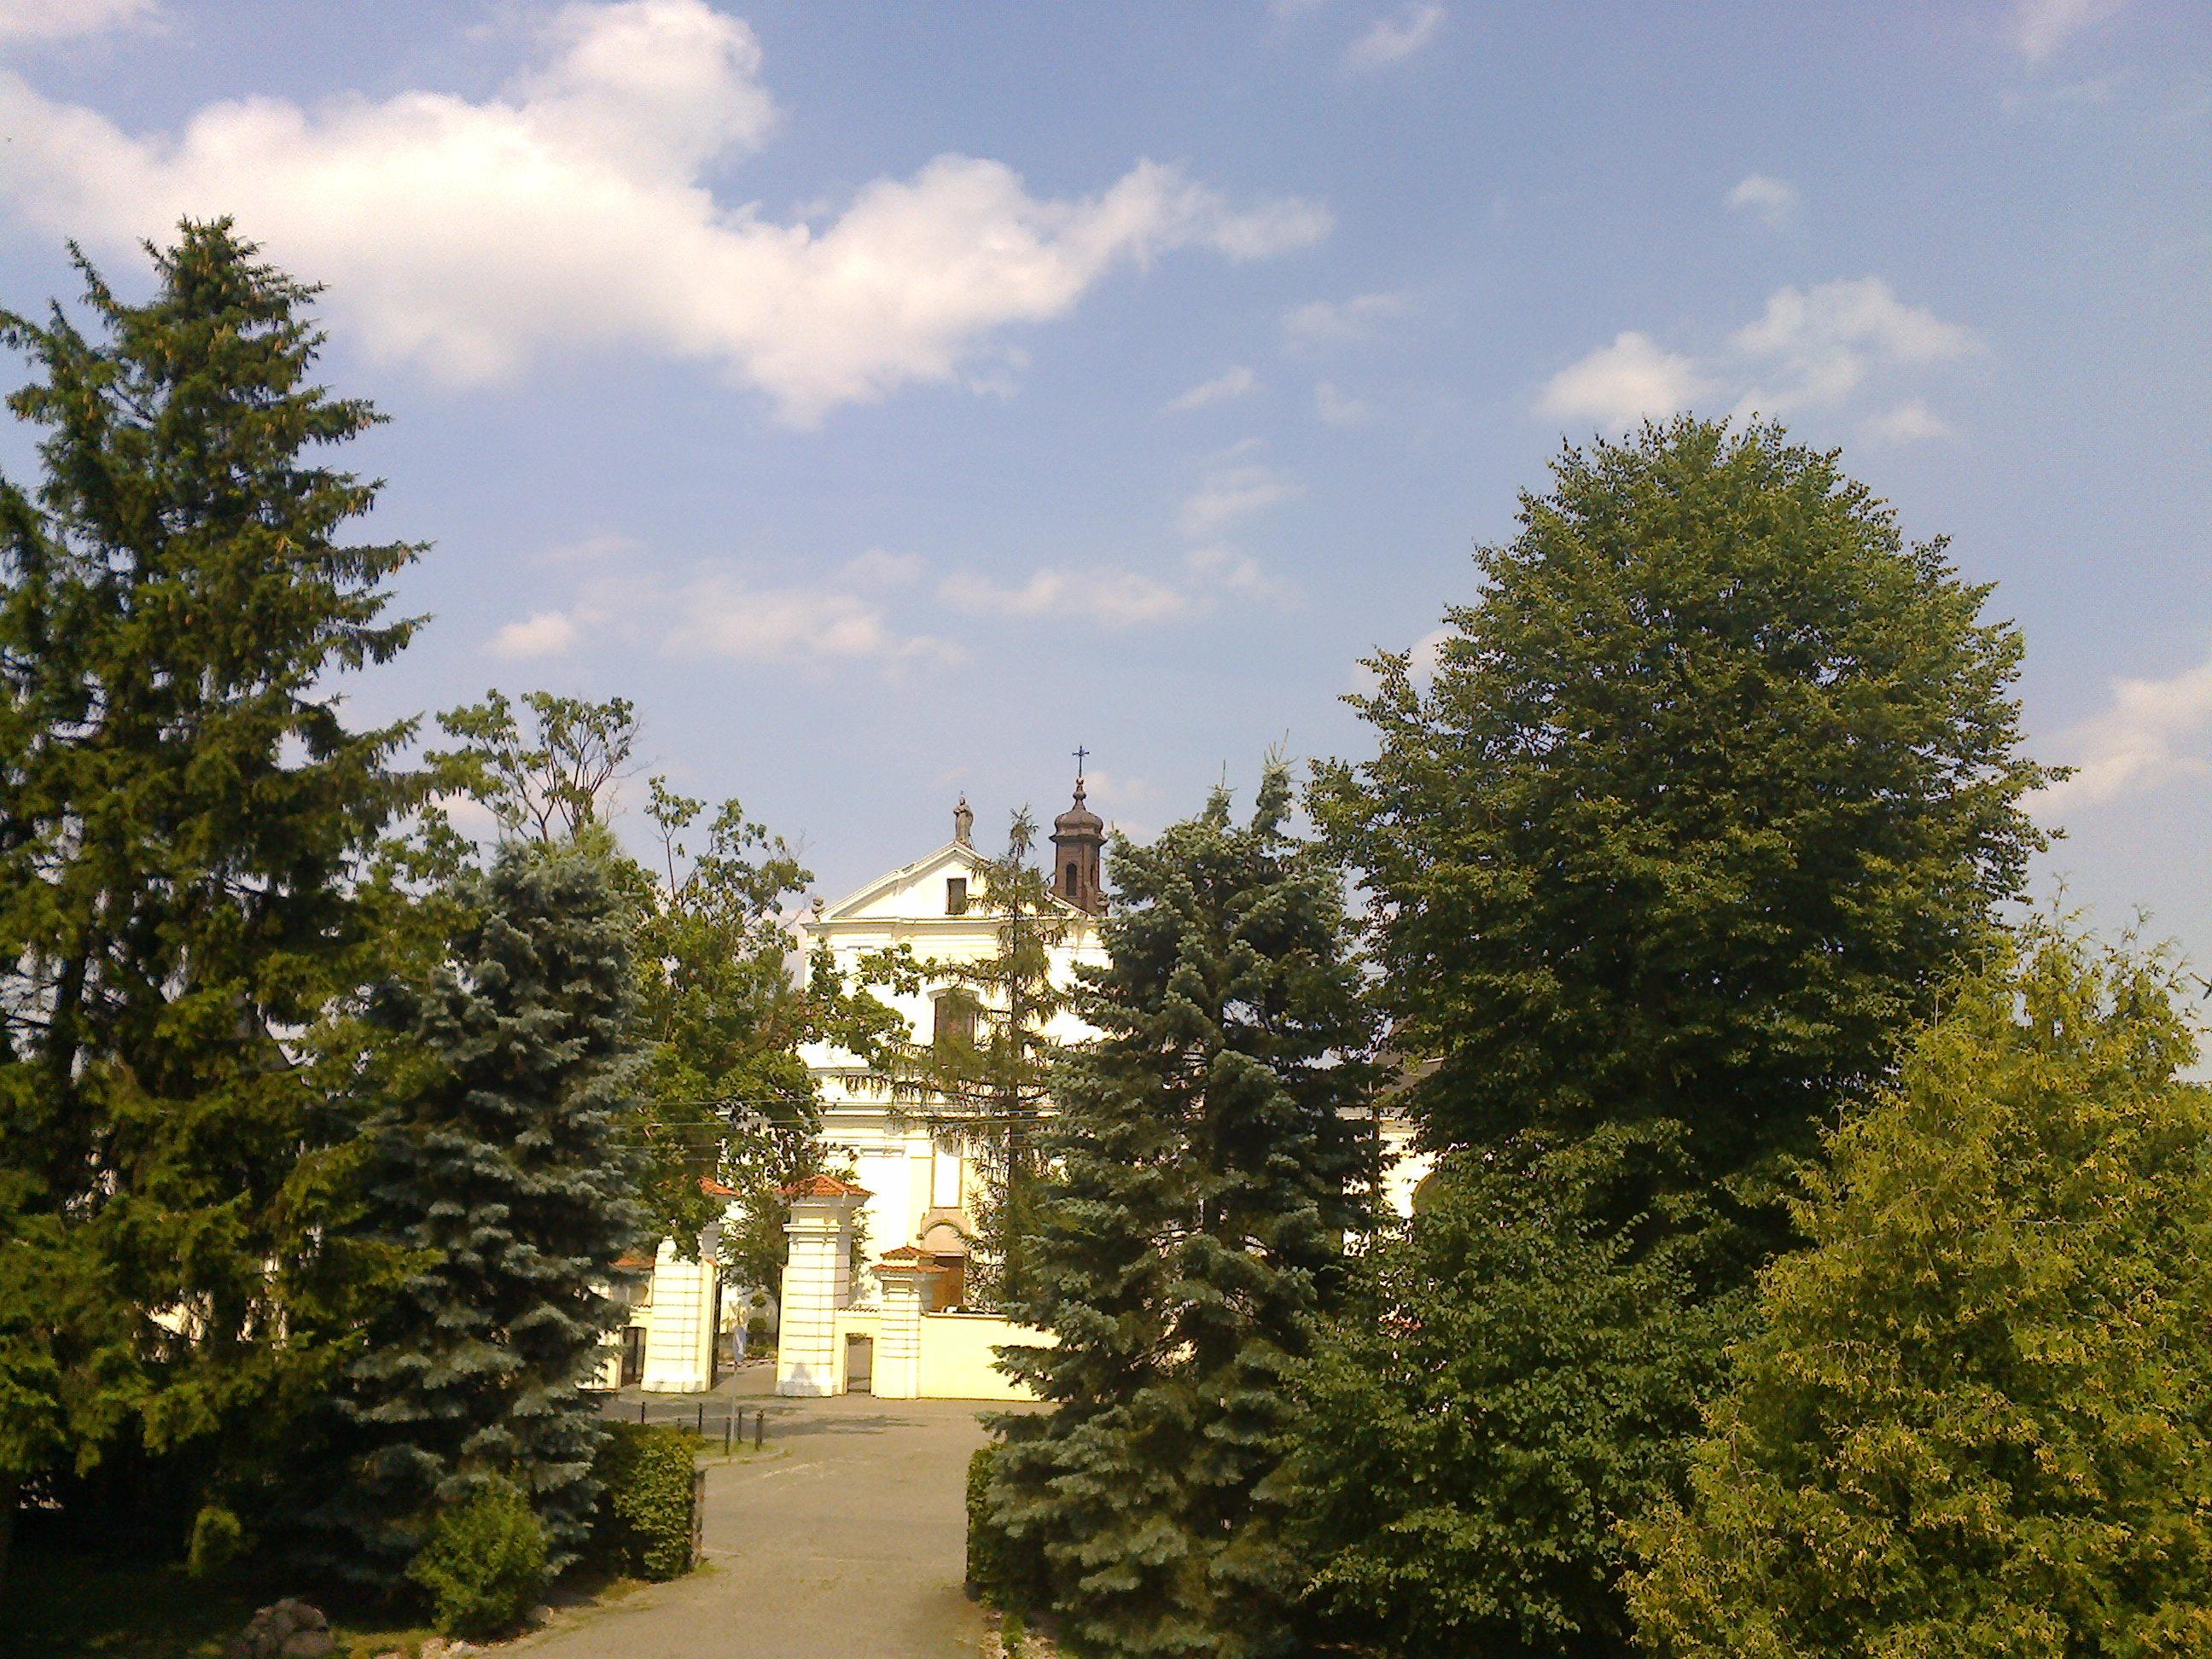 Kościół iogrody plebanii